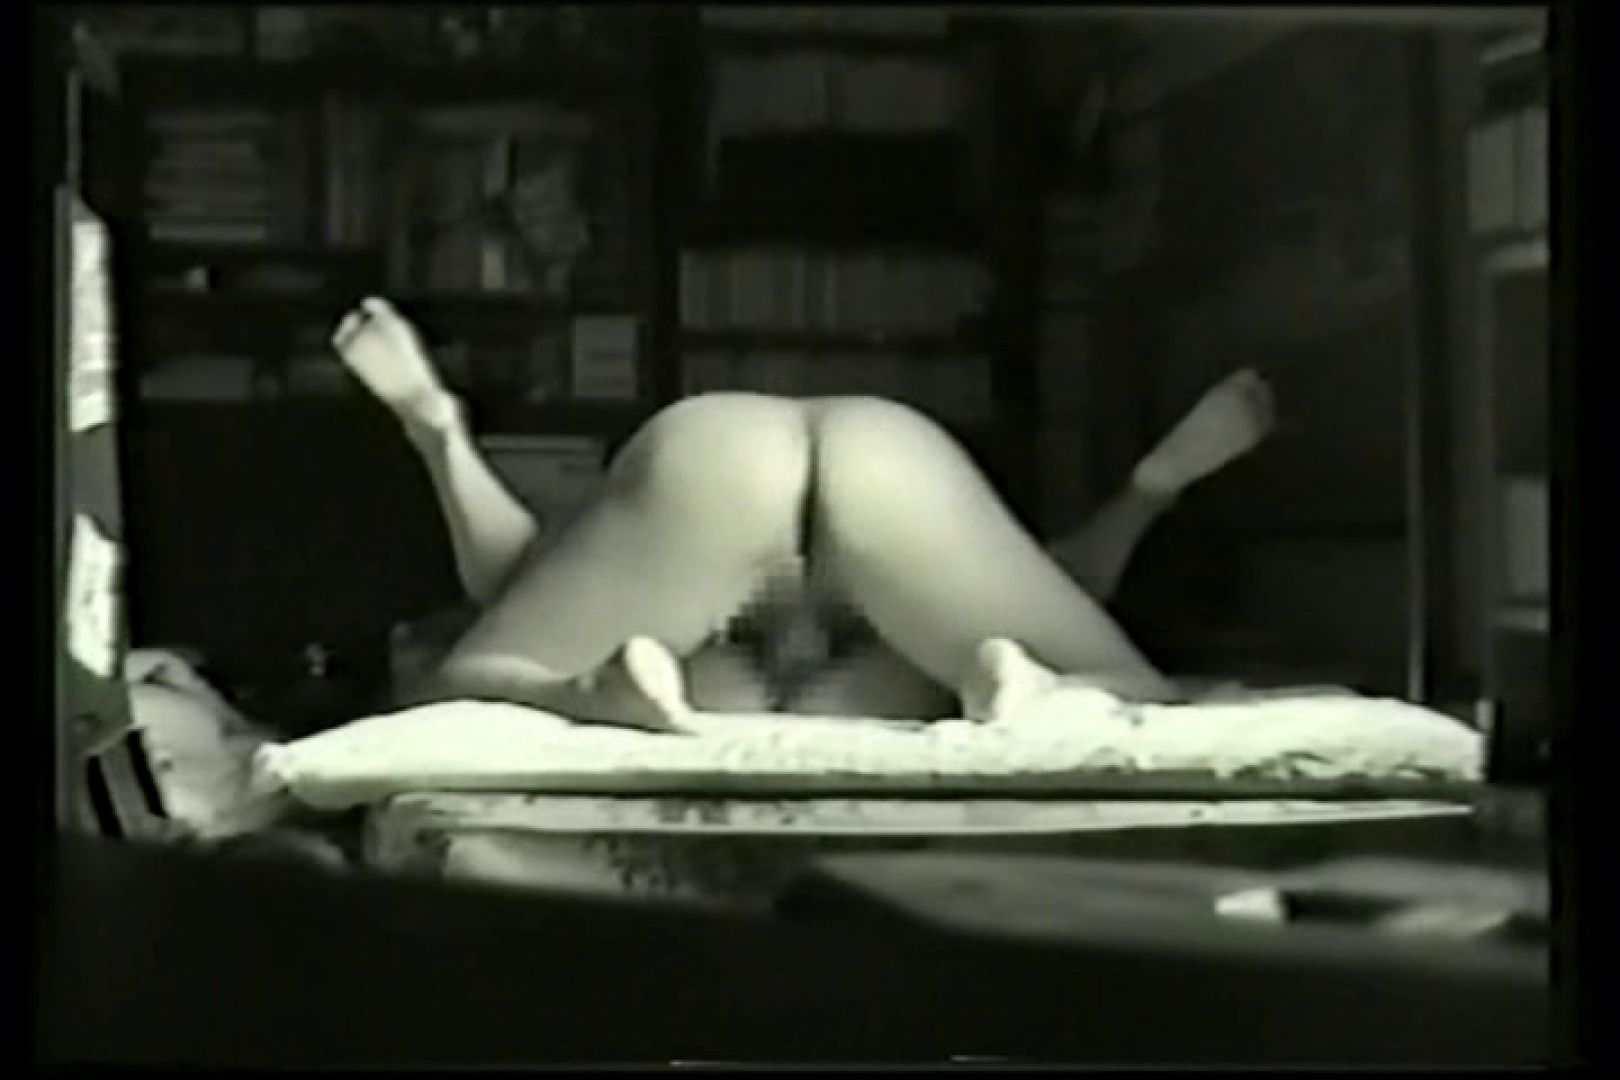 素人嬢をホテルに連れ込みアンナ事・コンナ事!?Vol.5 素人はめどり エロ無料画像 62画像 27